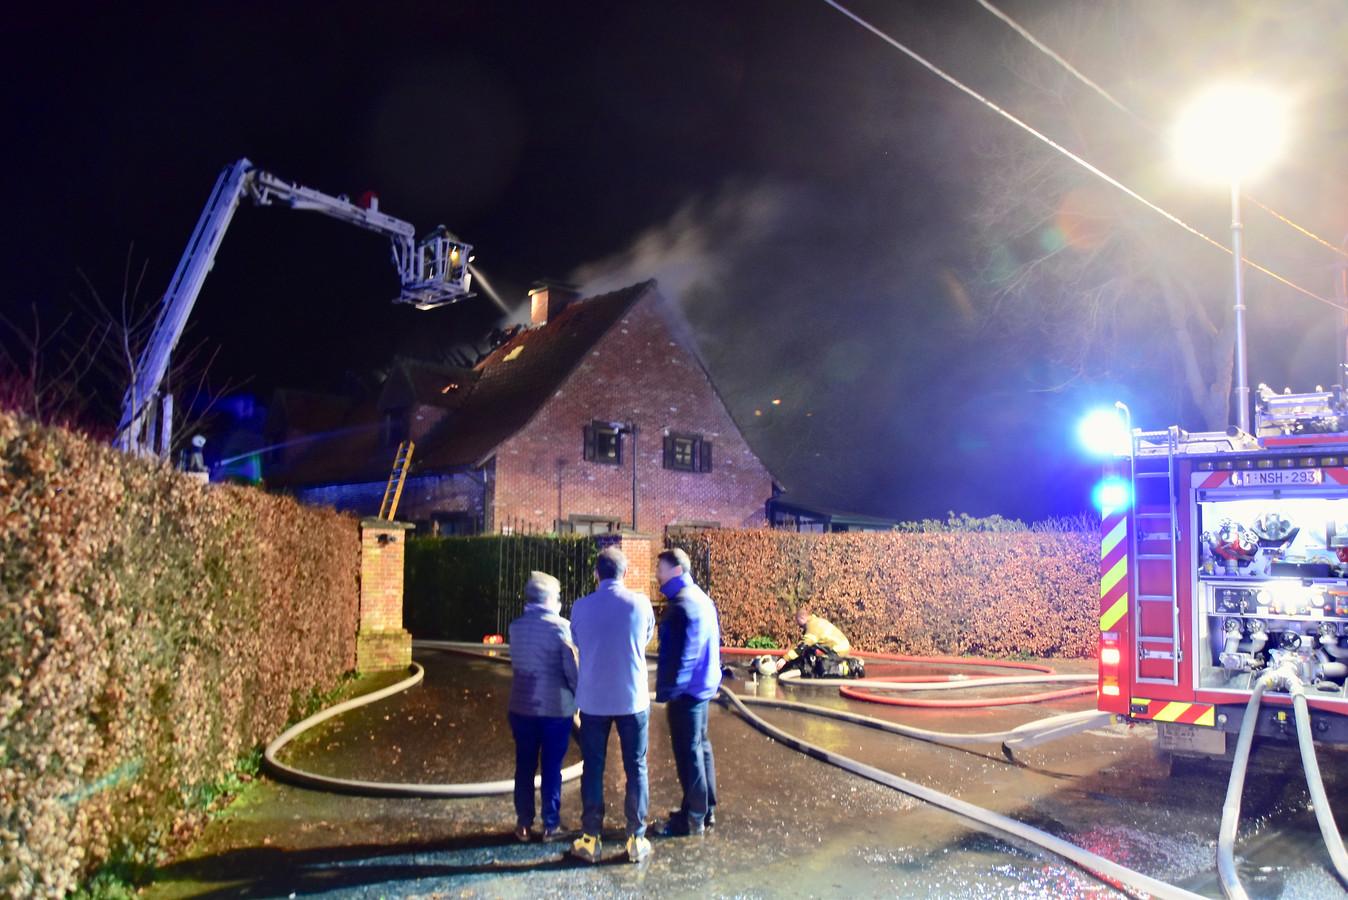 De brandweer zette de grote middelen in om de brand te bestrijden in de villa langs de Pollepelstraat in Geluwe.